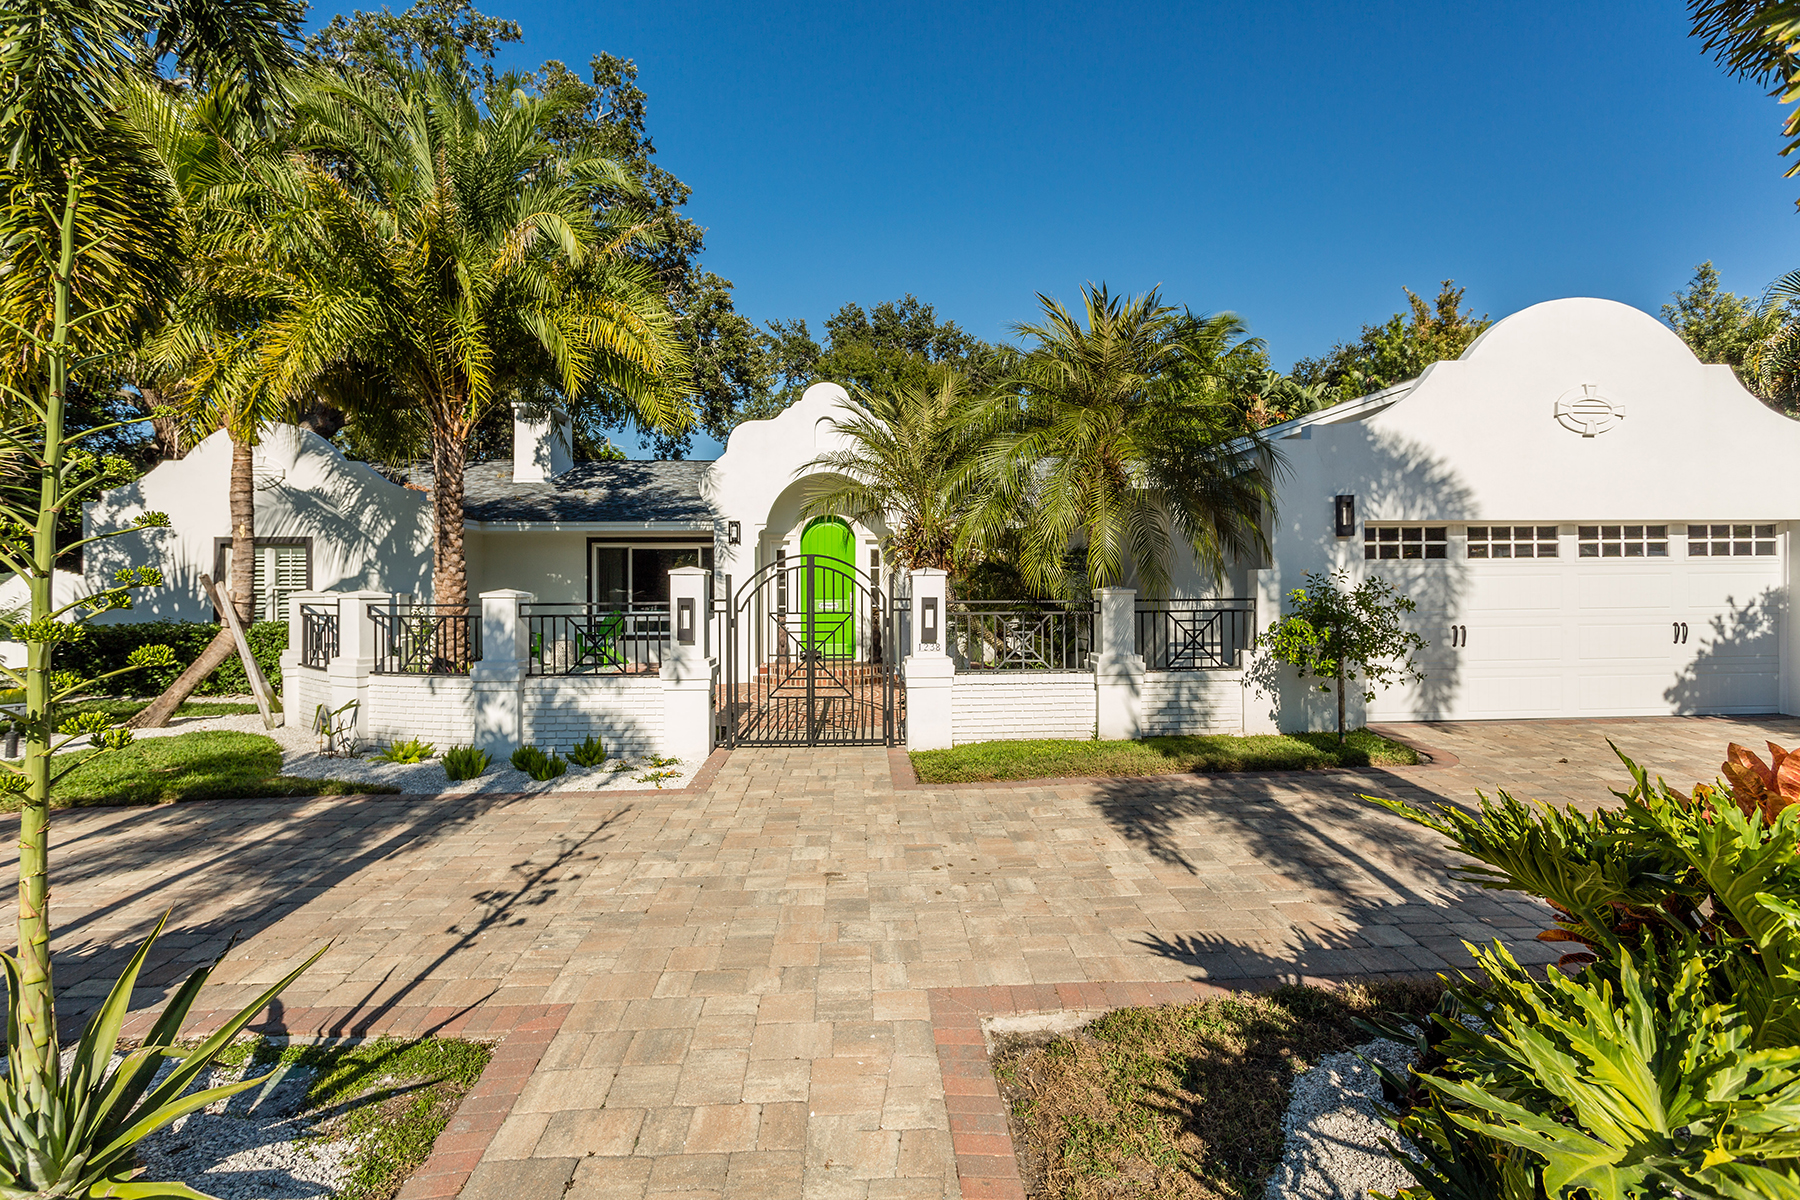 Tek Ailelik Ev için Satış at SNELL ISLE 1238 Brightwaters Blvd NE St. Petersburg, Florida, 33704 Amerika Birleşik Devletleri